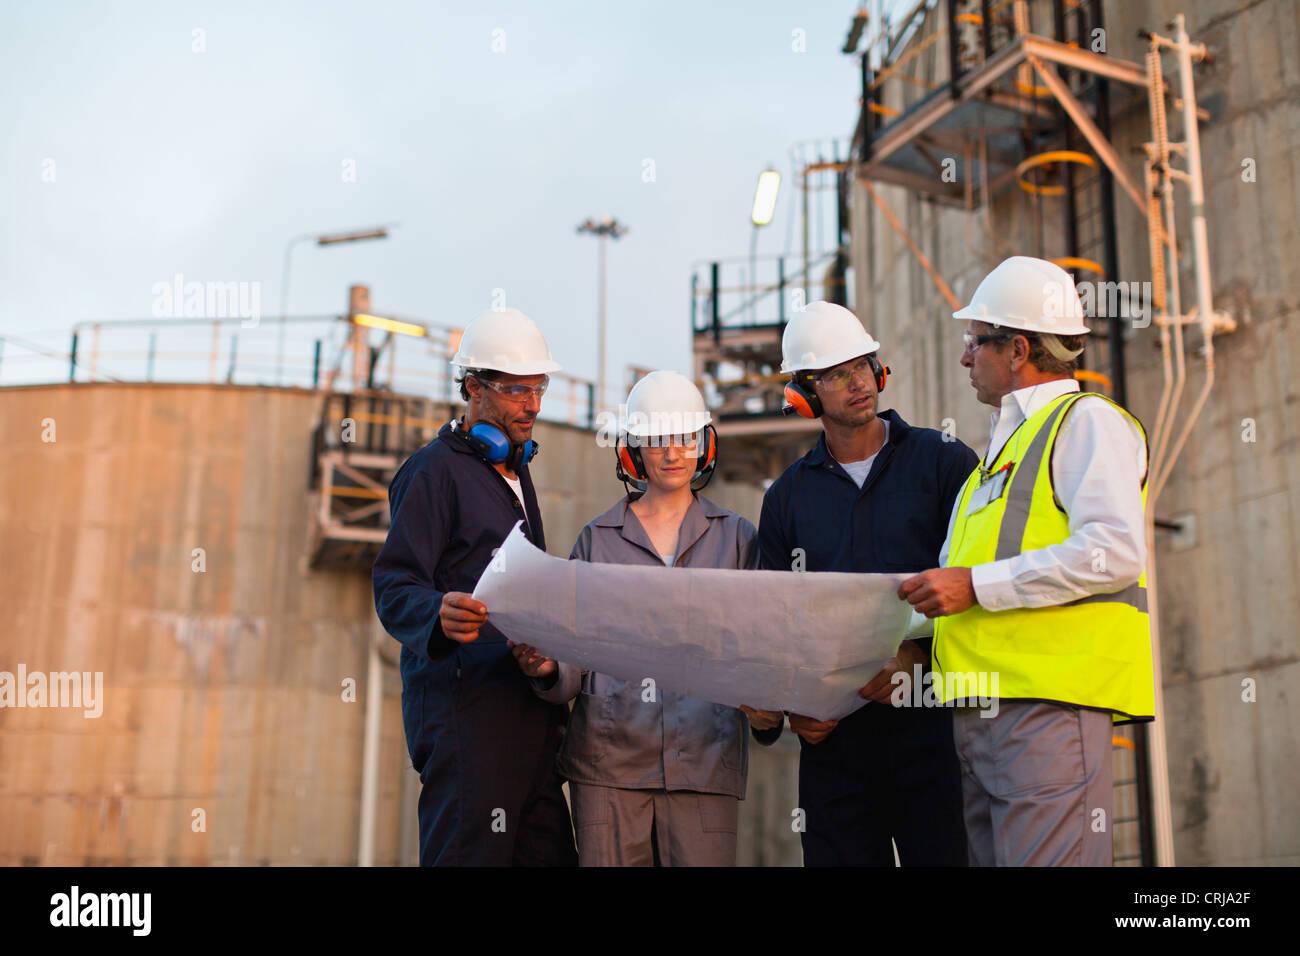 La lecture de bleus les travailleurs à l'usine Photo Stock